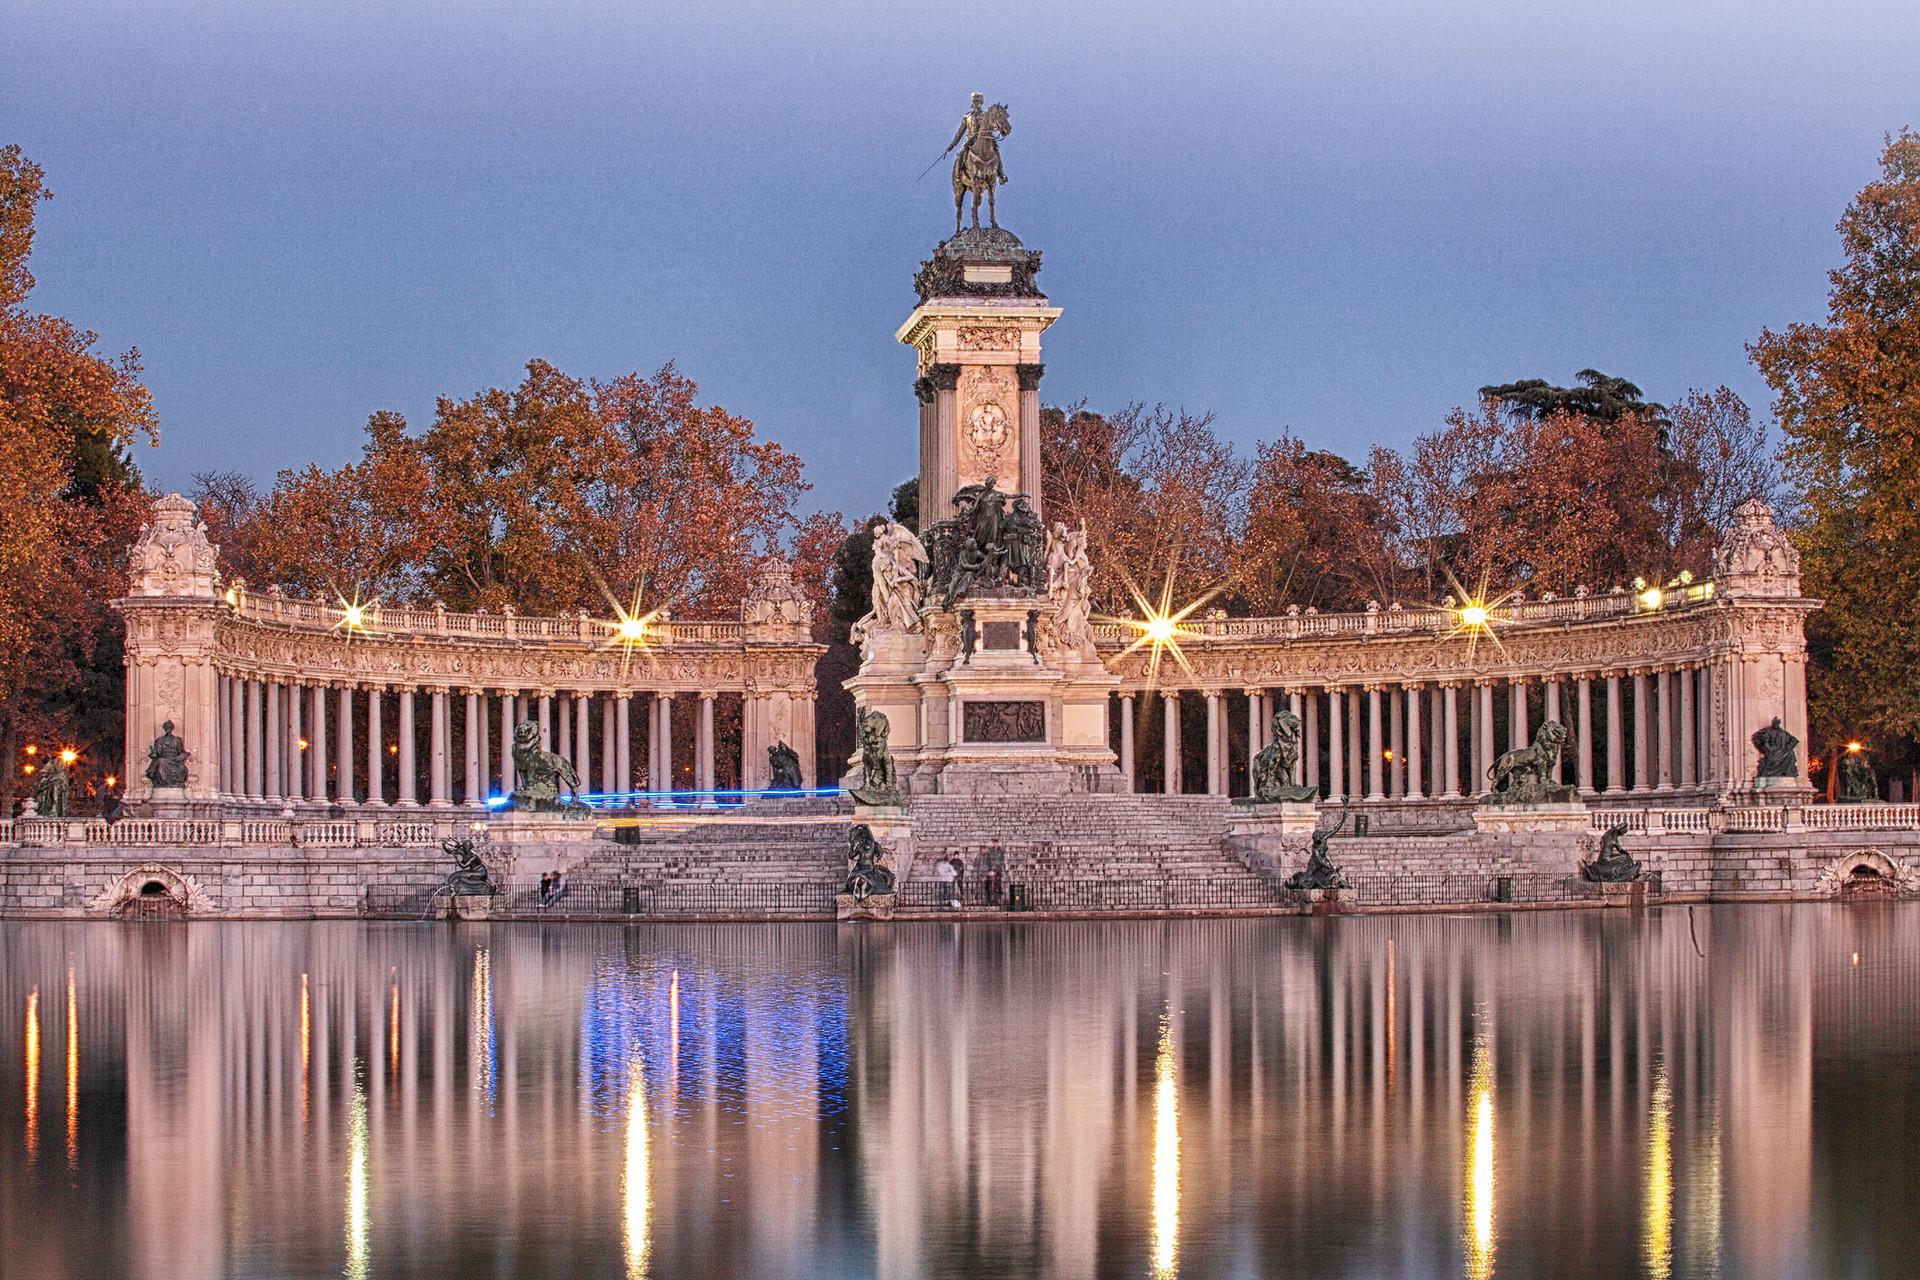 Doświadczenie Erasmus w Madrycie, Hiszpania według Berty